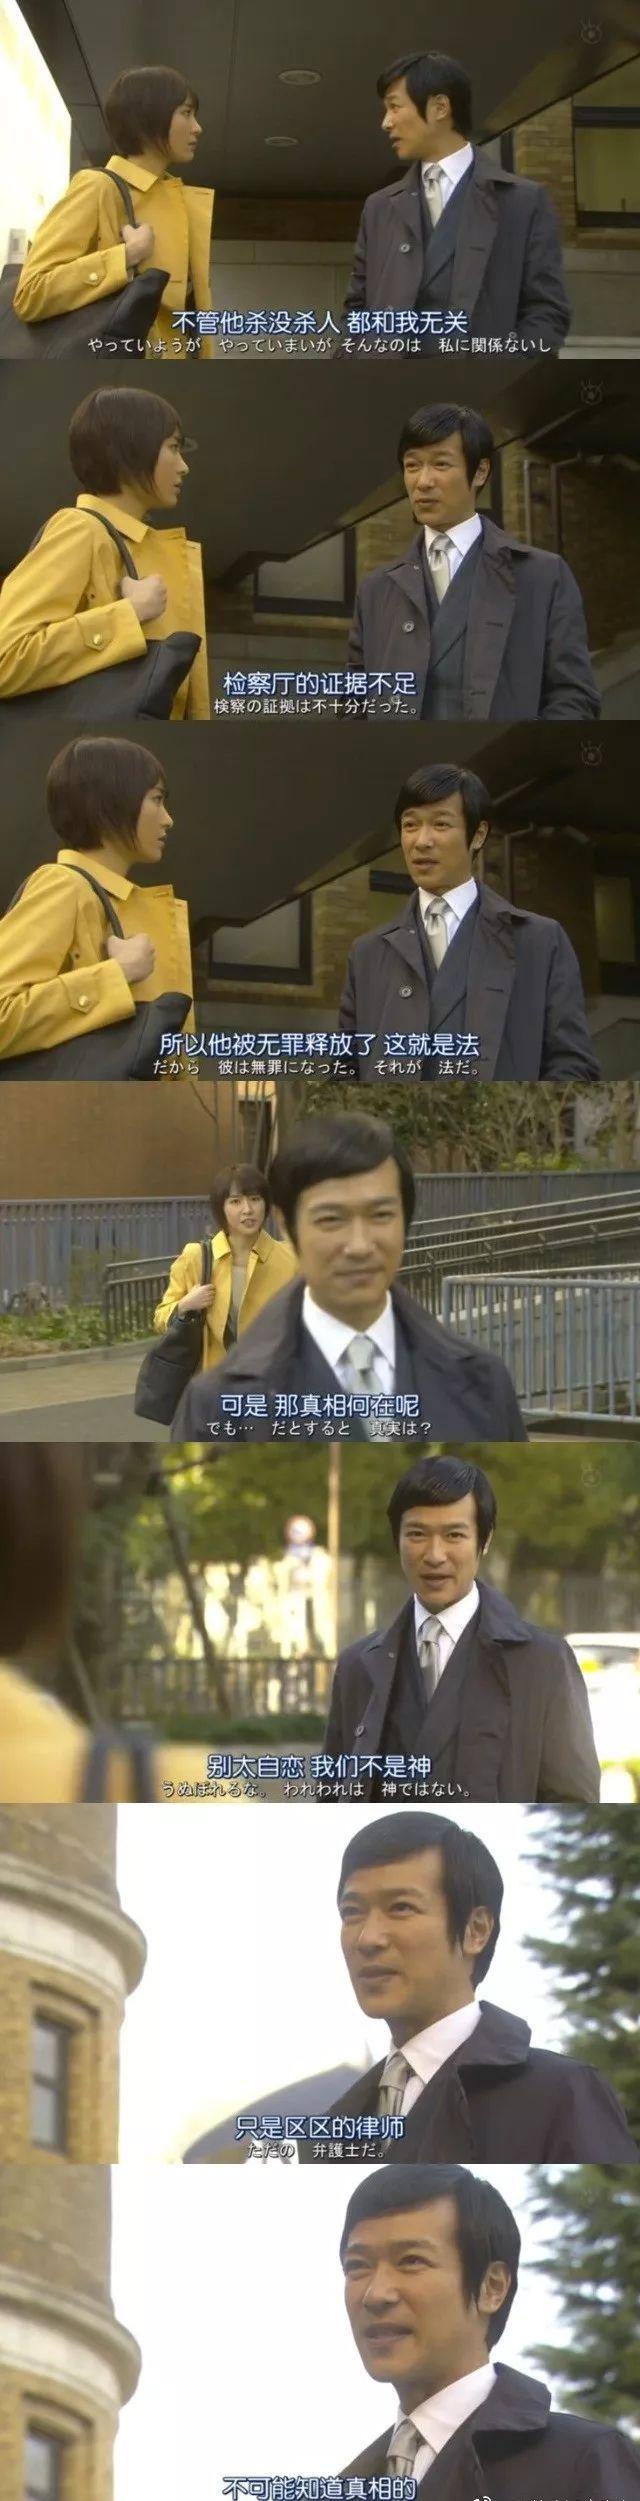 红人馆丨看了日本女星的变美史,发现从小美到大的寥寥无几